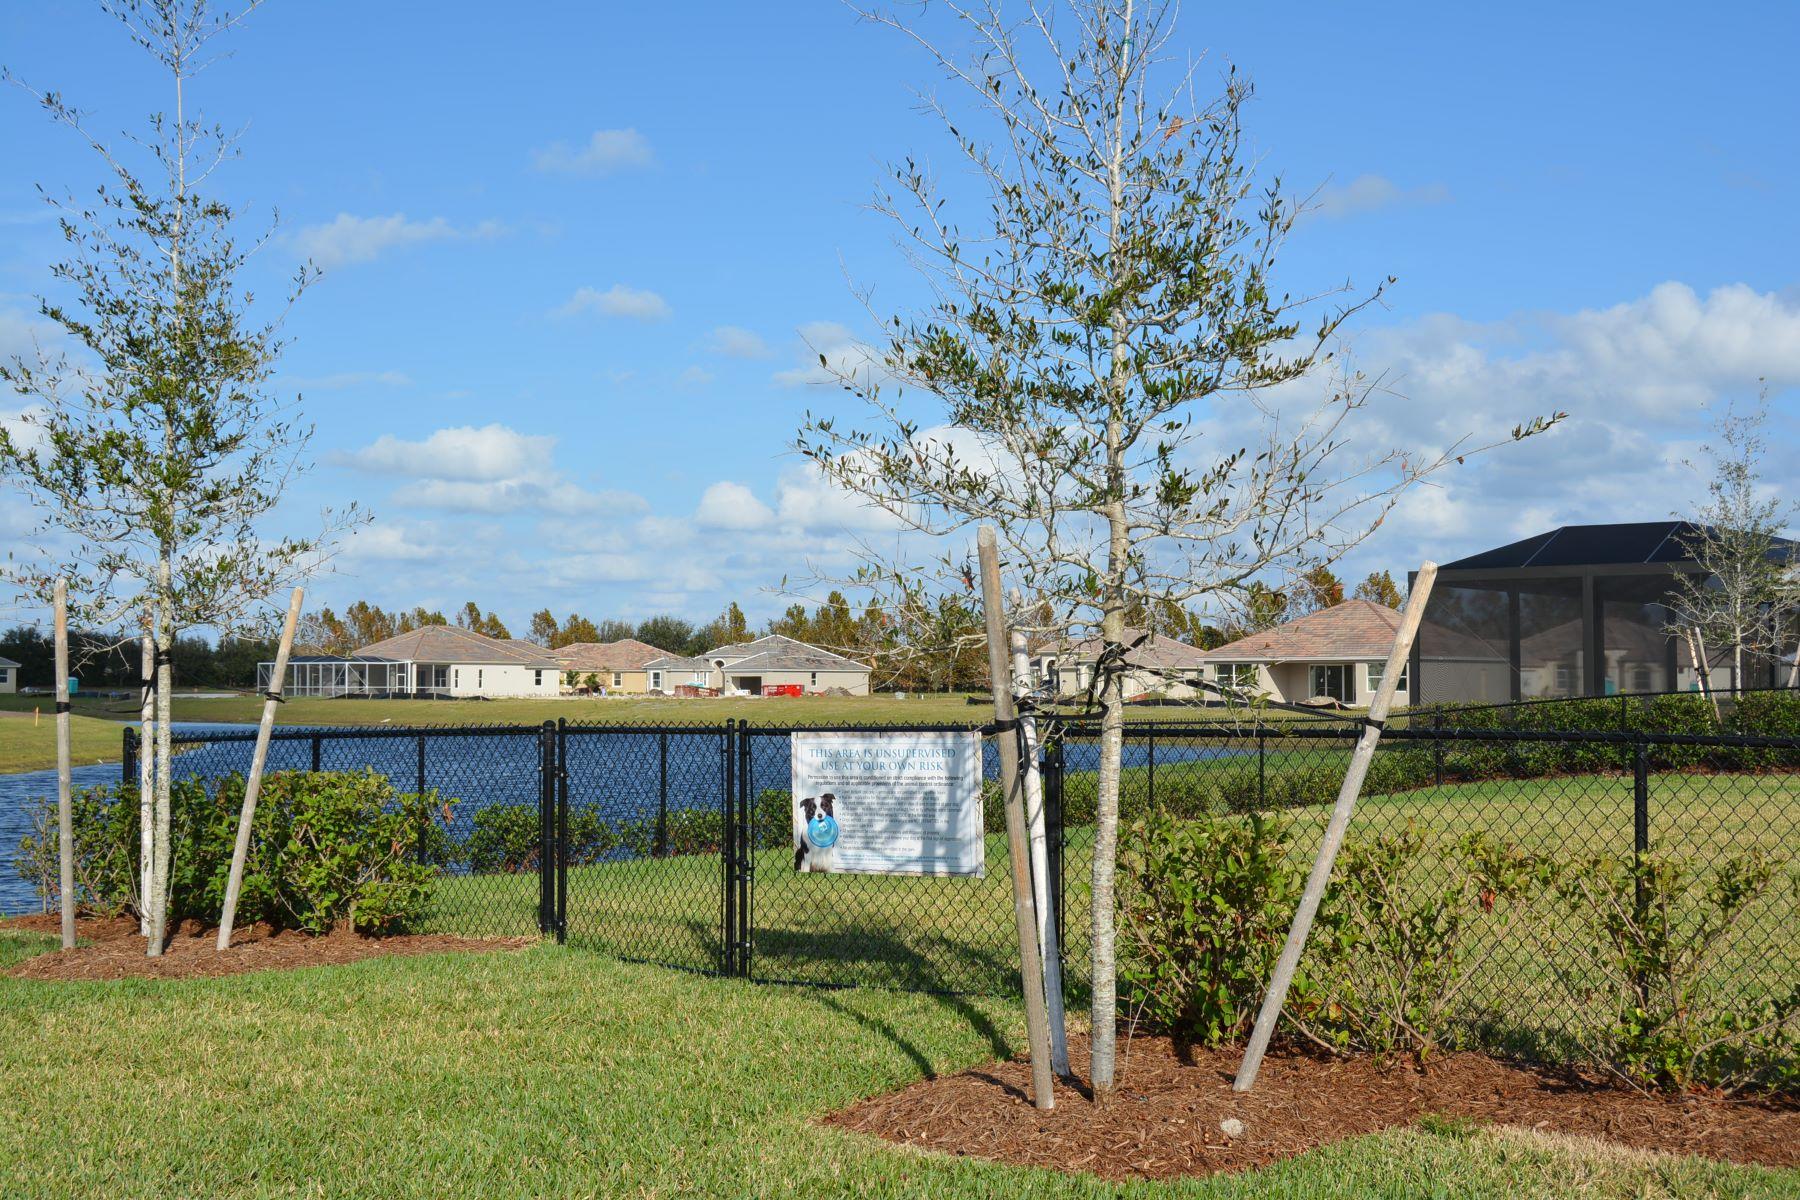 Casa Unifamiliar por un Venta en Tacoma Model Home 6137 Graysen Square Vero Beach, Florida, 32967 Estados Unidos